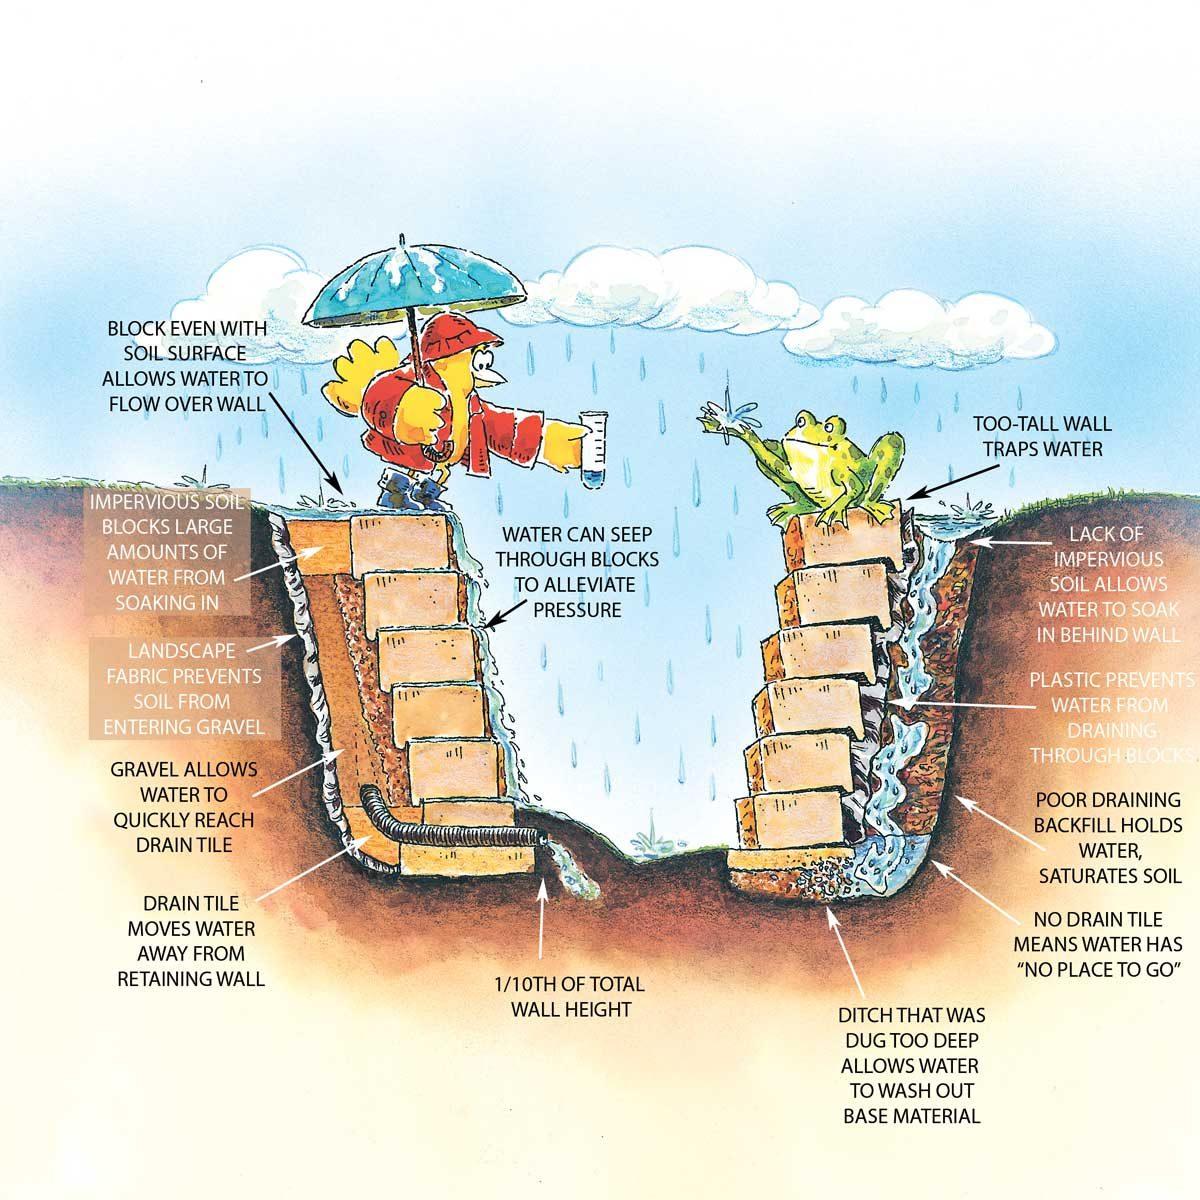 Water Weakens Walls